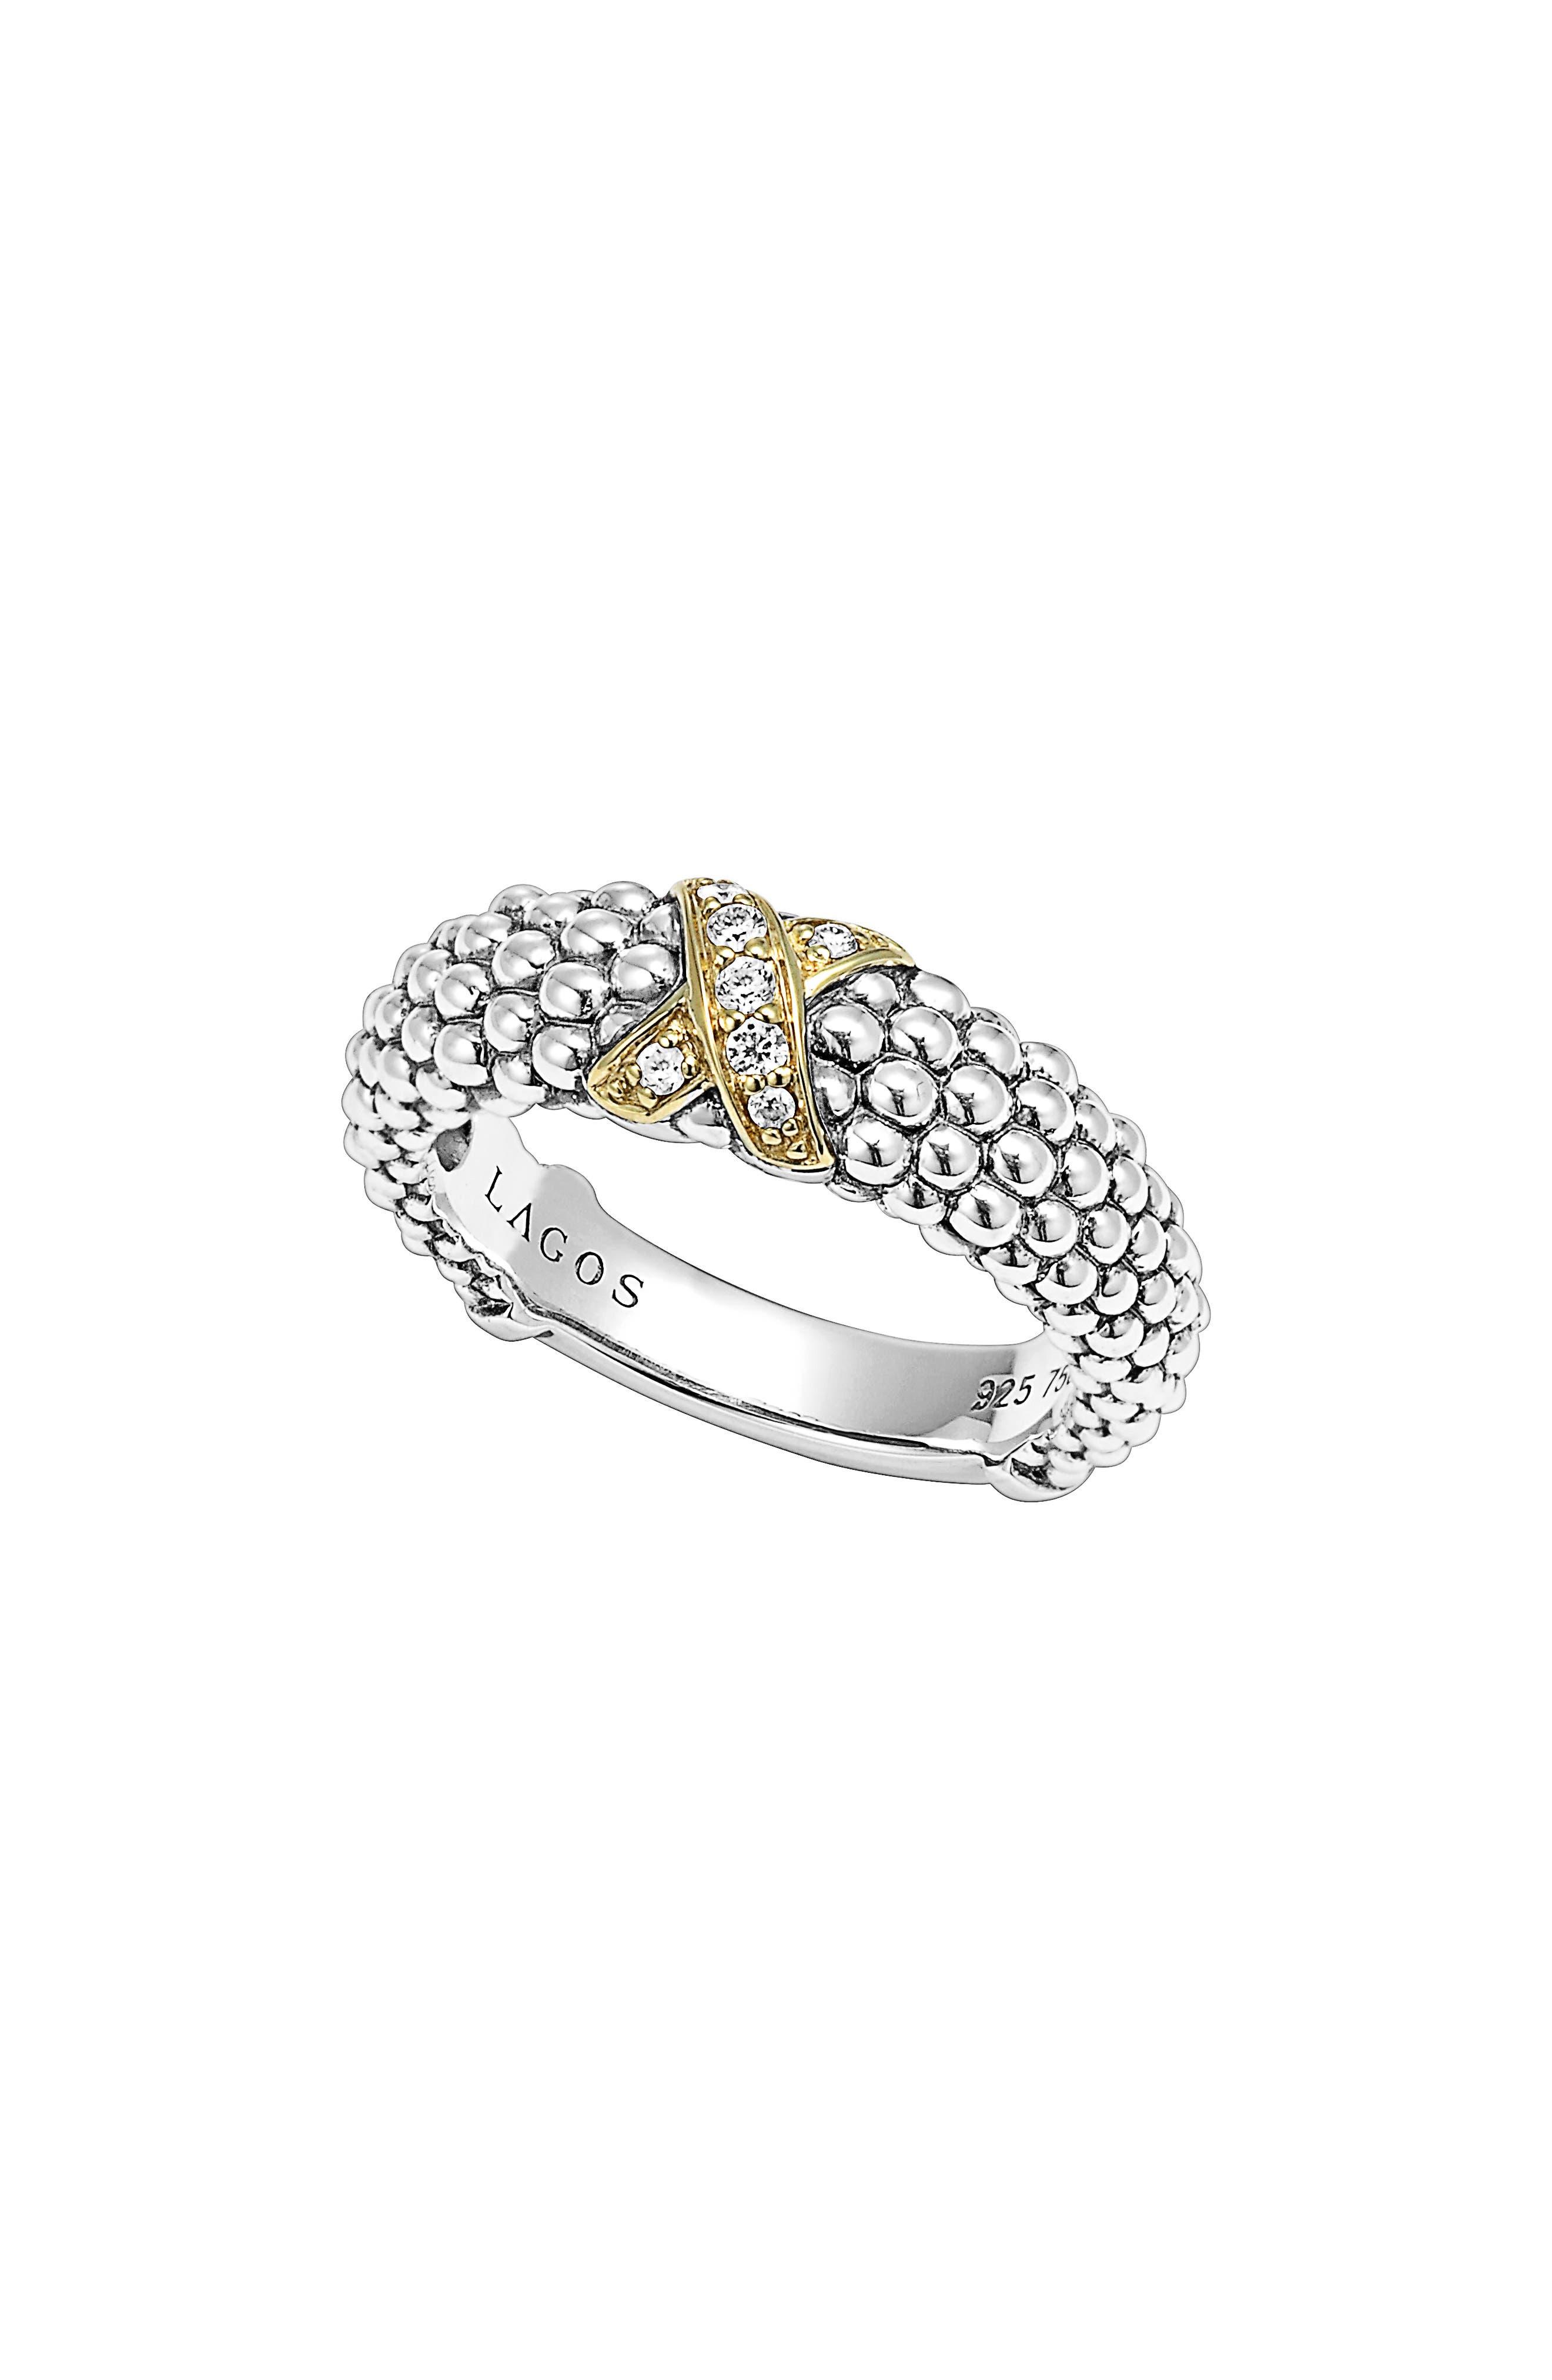 Main Image - LAGOS 'X' Diamond & Caviar™' Two Tone Ring